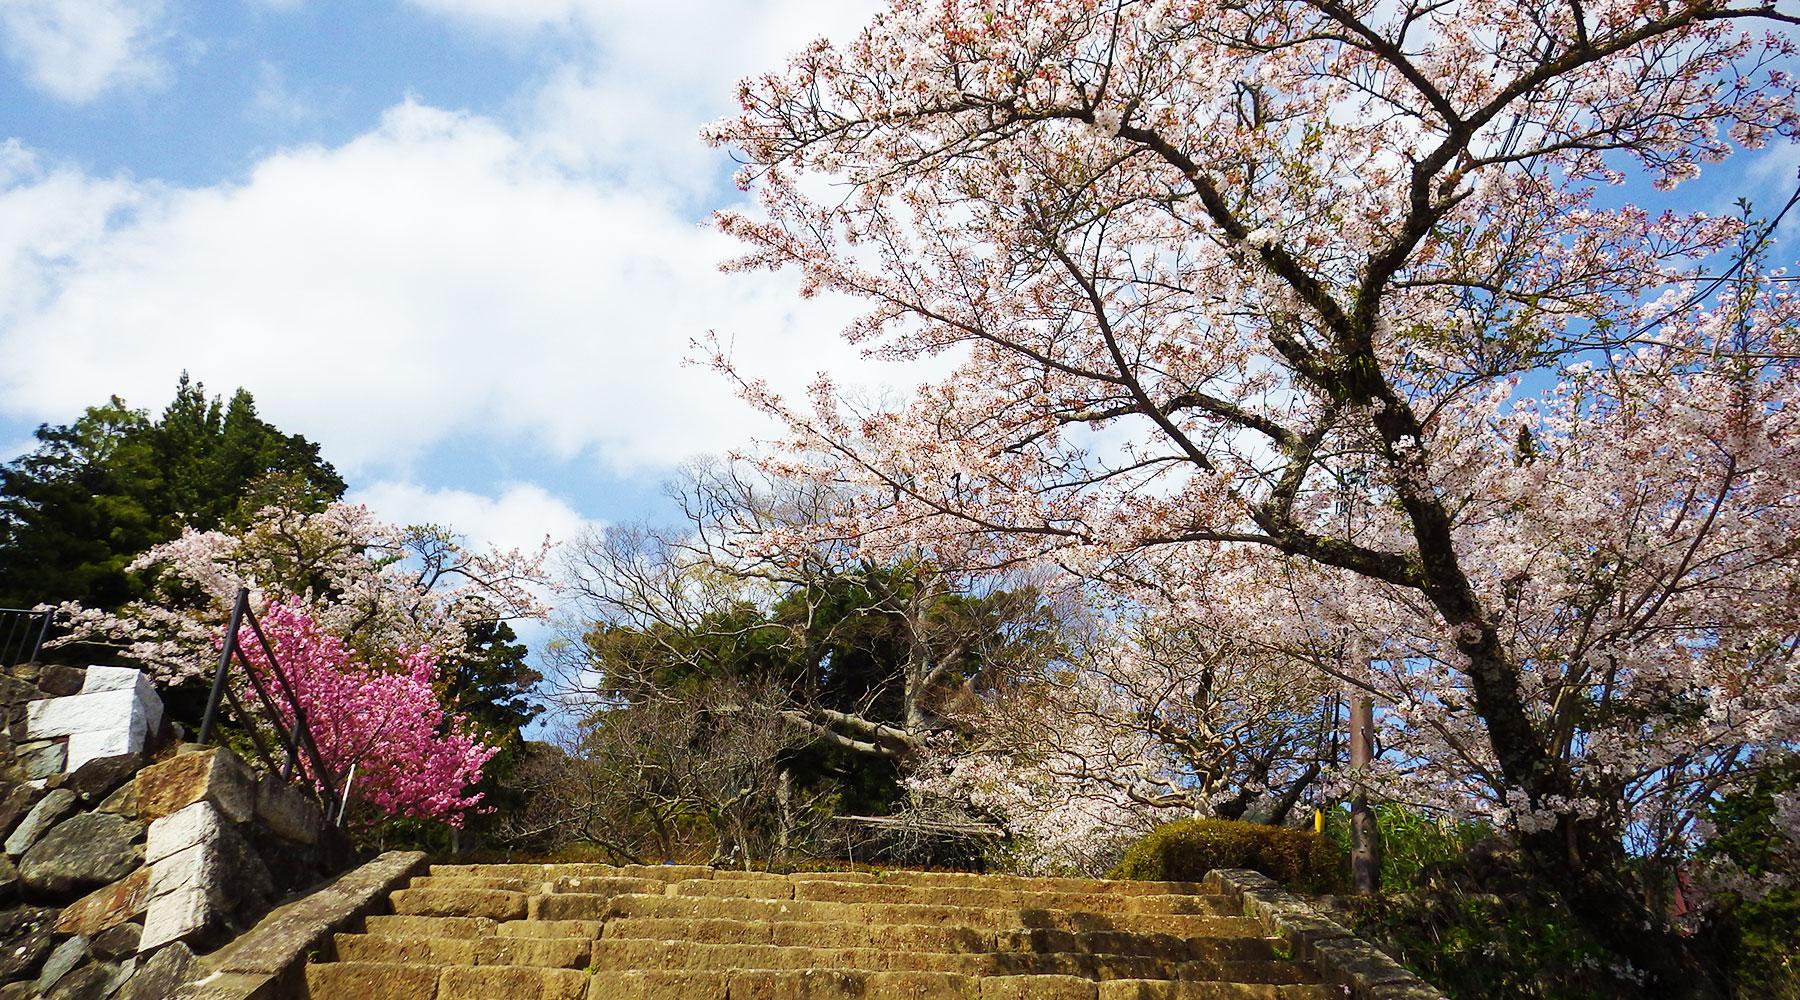 筑波山神社前の桜と梅